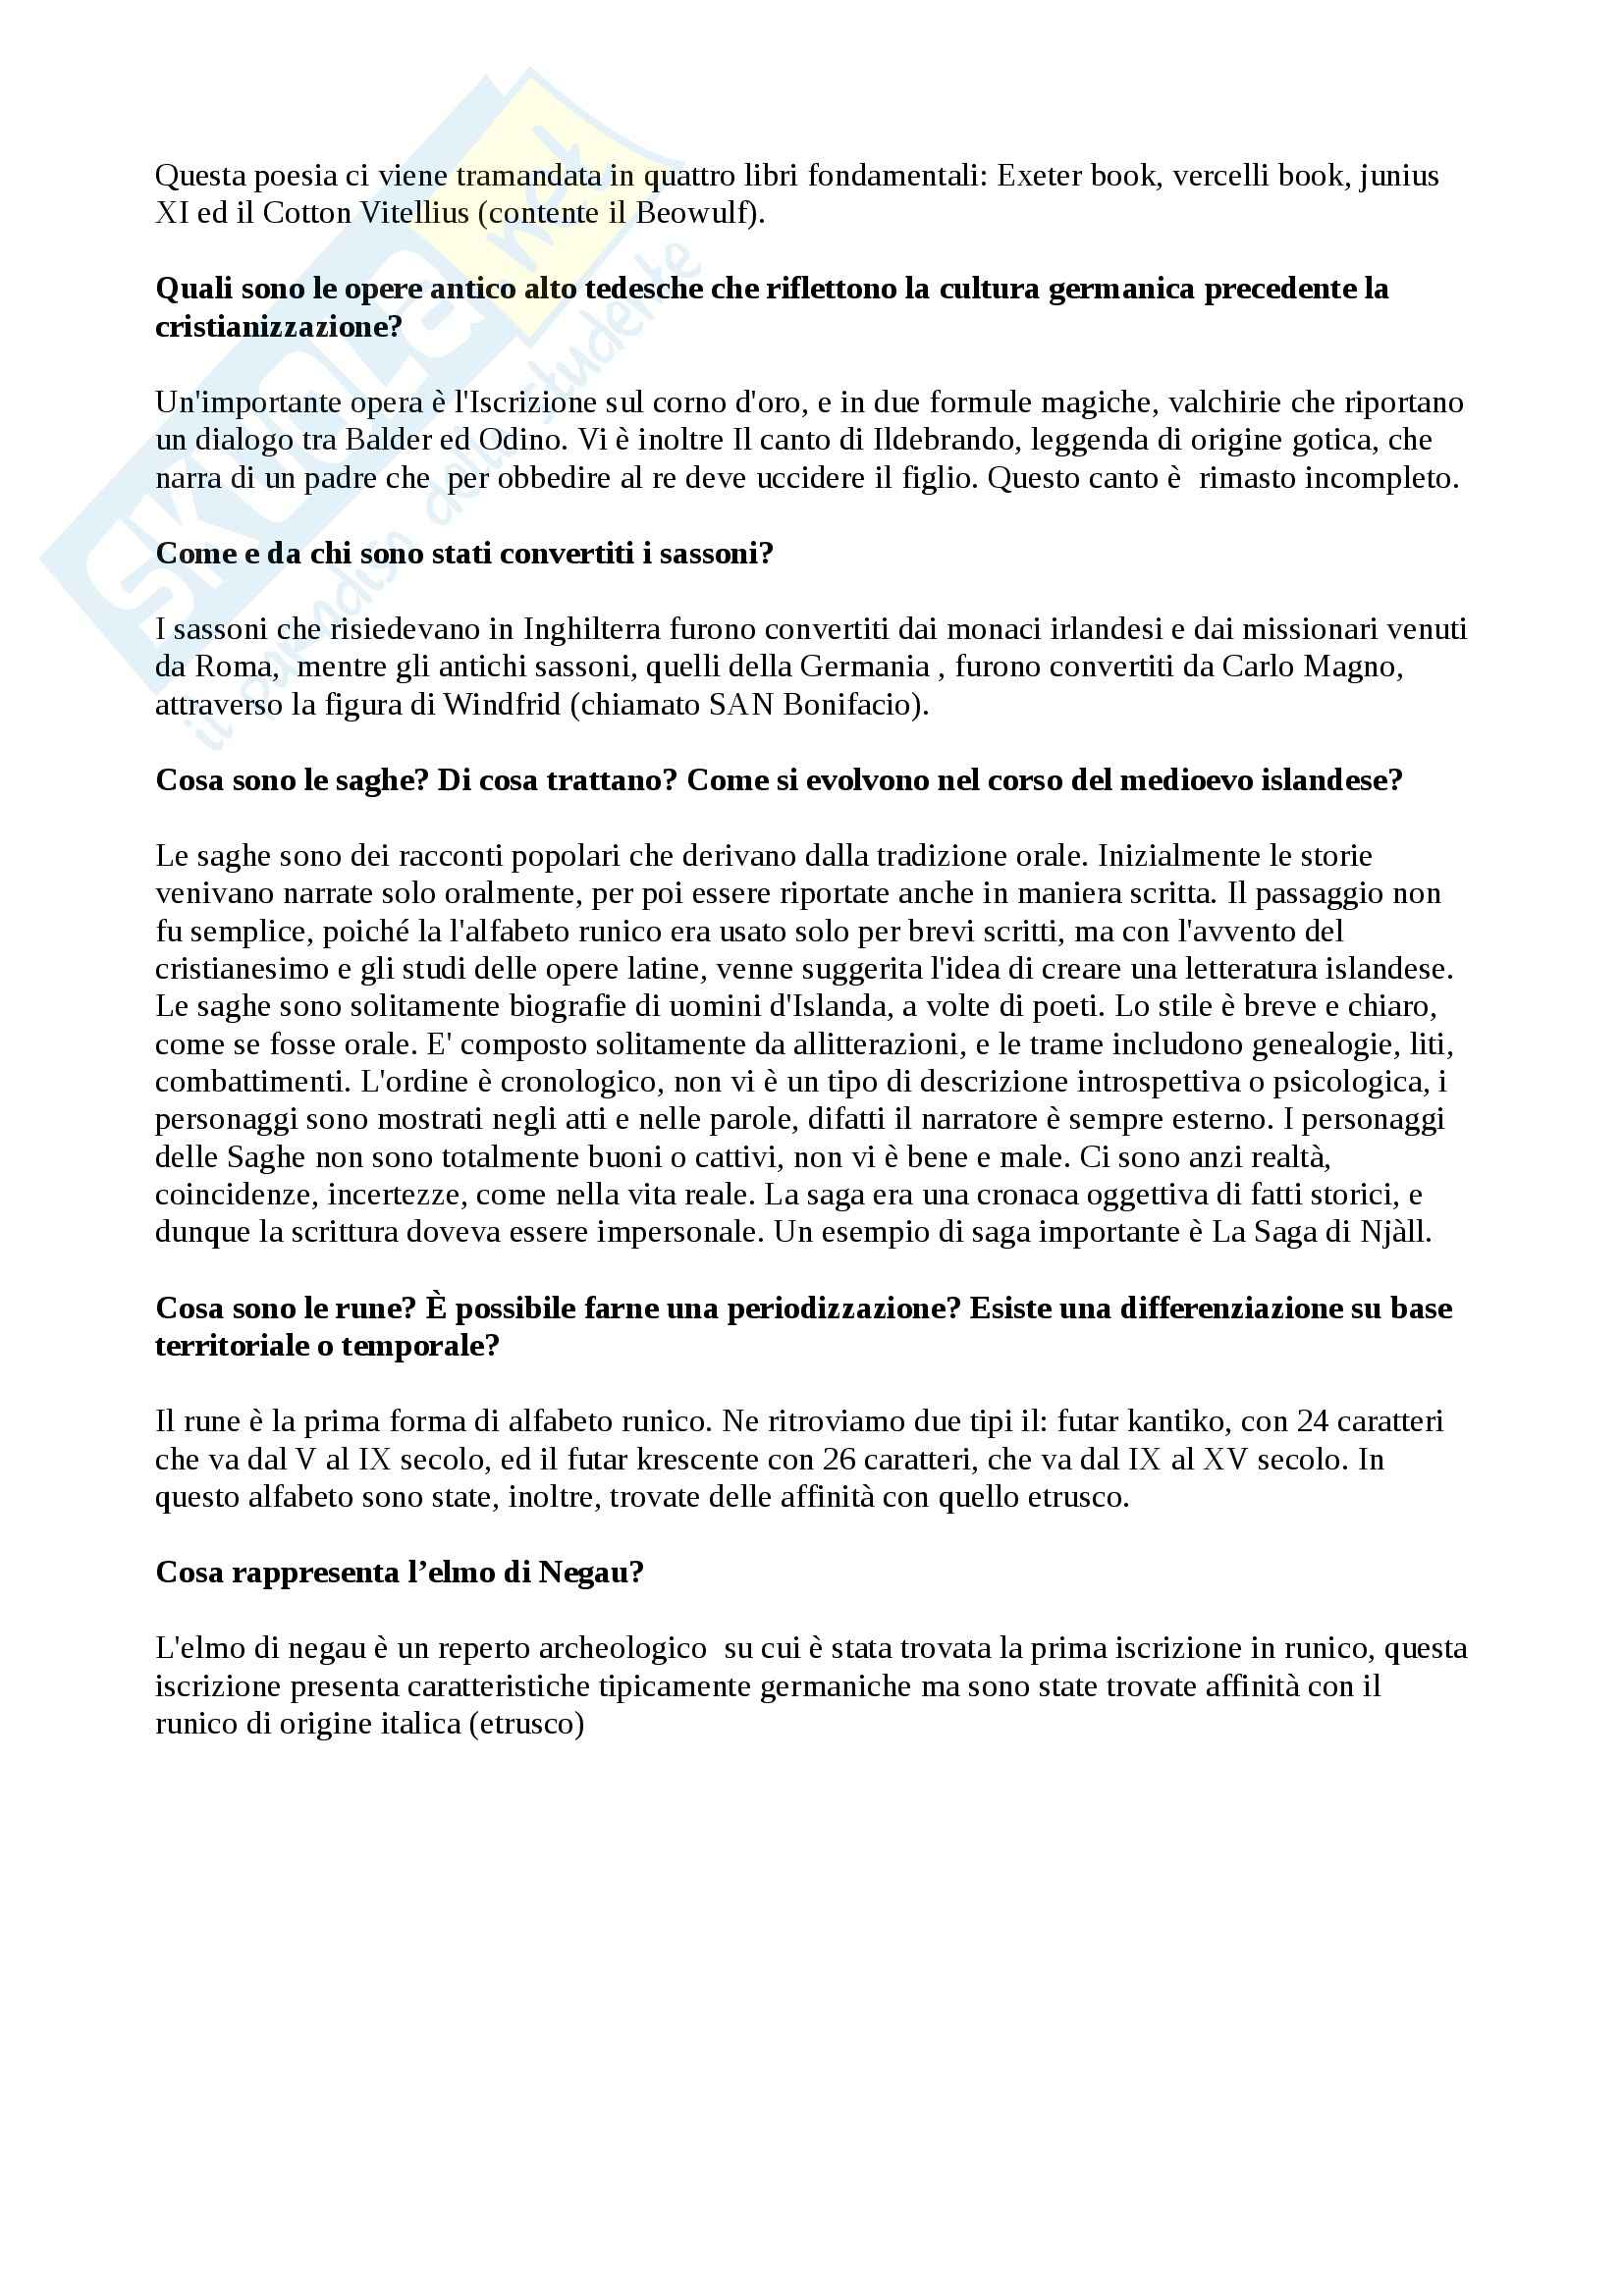 Filologia Germanica - risposte e domande Pag. 6